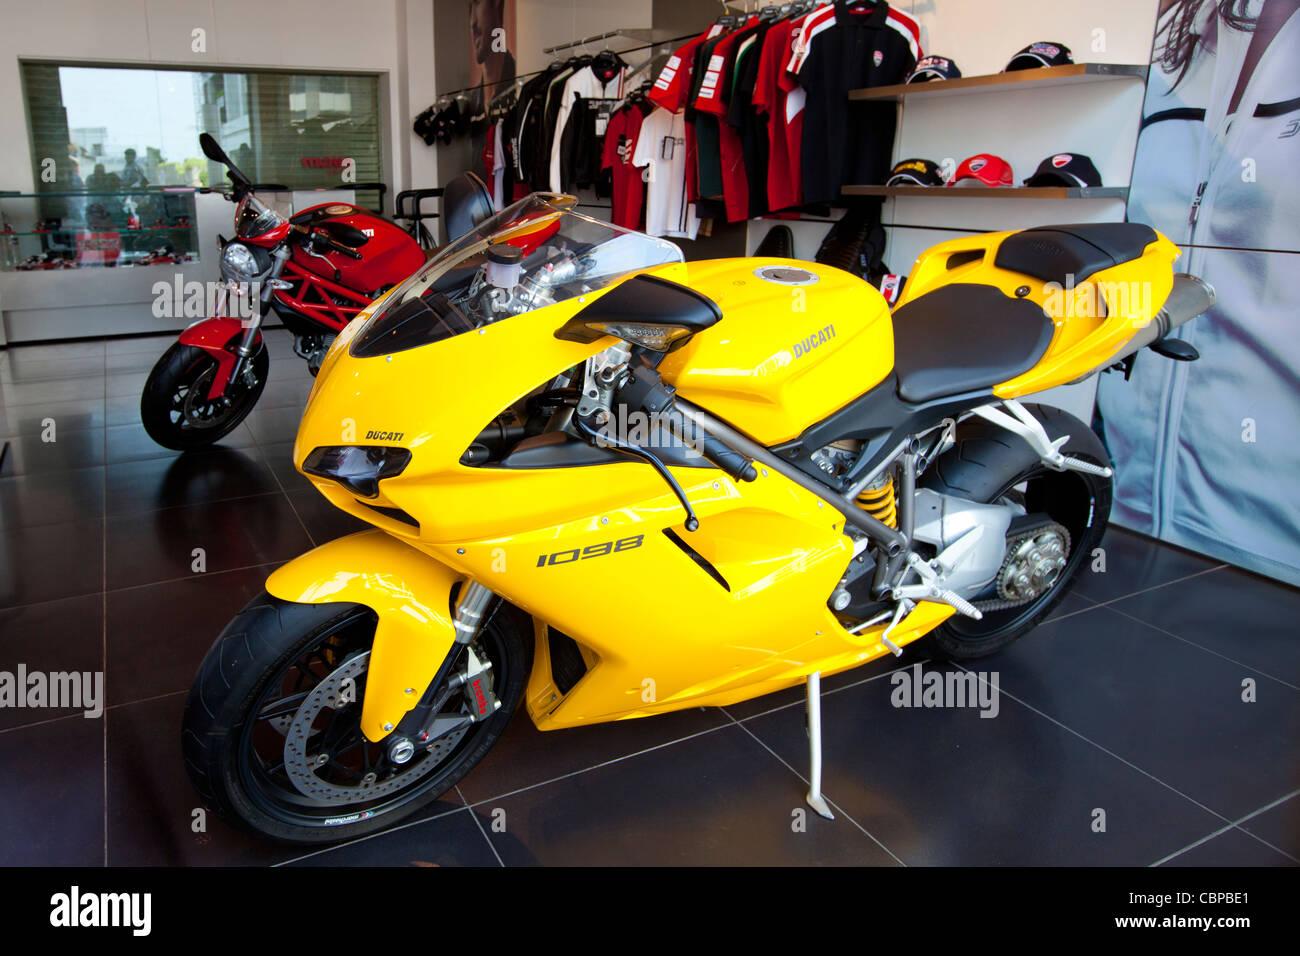 Ducati 1098 motociclo in concessionaria showroom in Worli distretto di Mumbai (ex Bombay, Maharashtra, India Immagini Stock